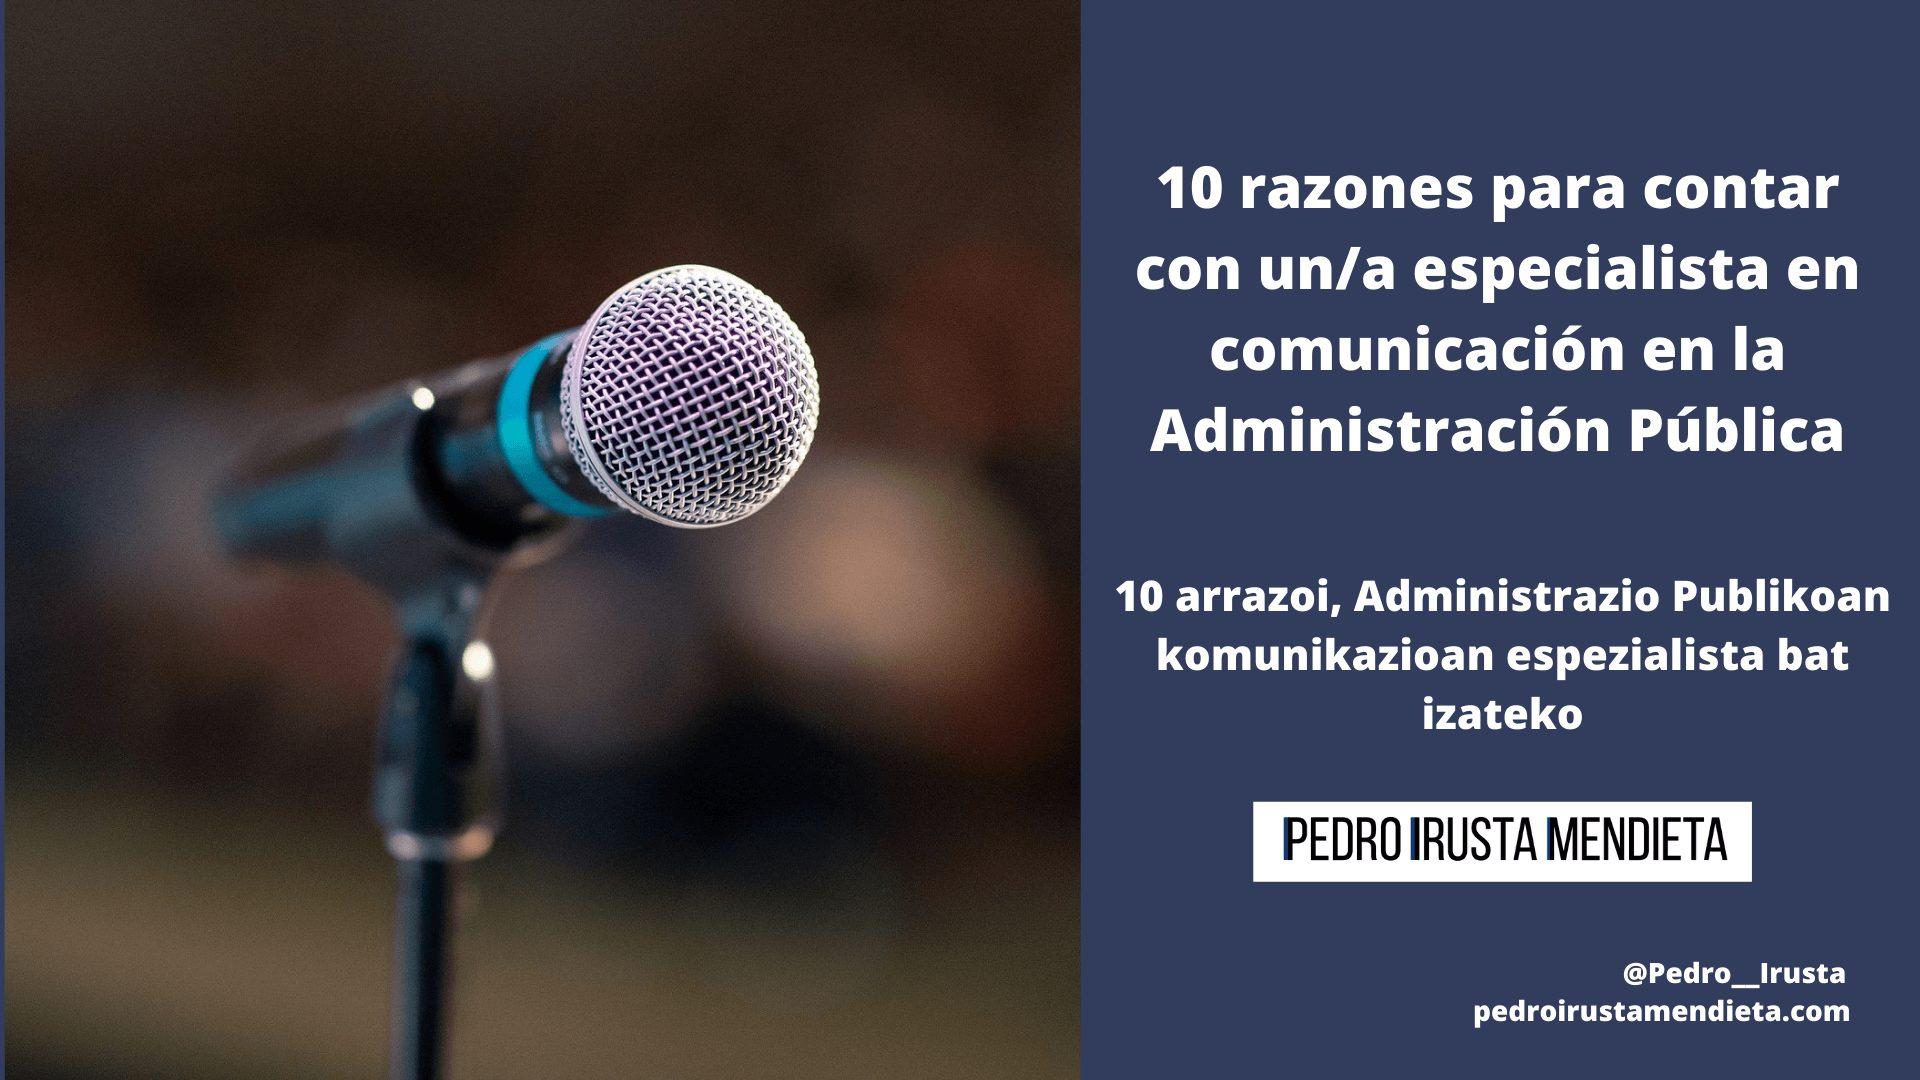 Especialista en comunicación en la Administración Pública